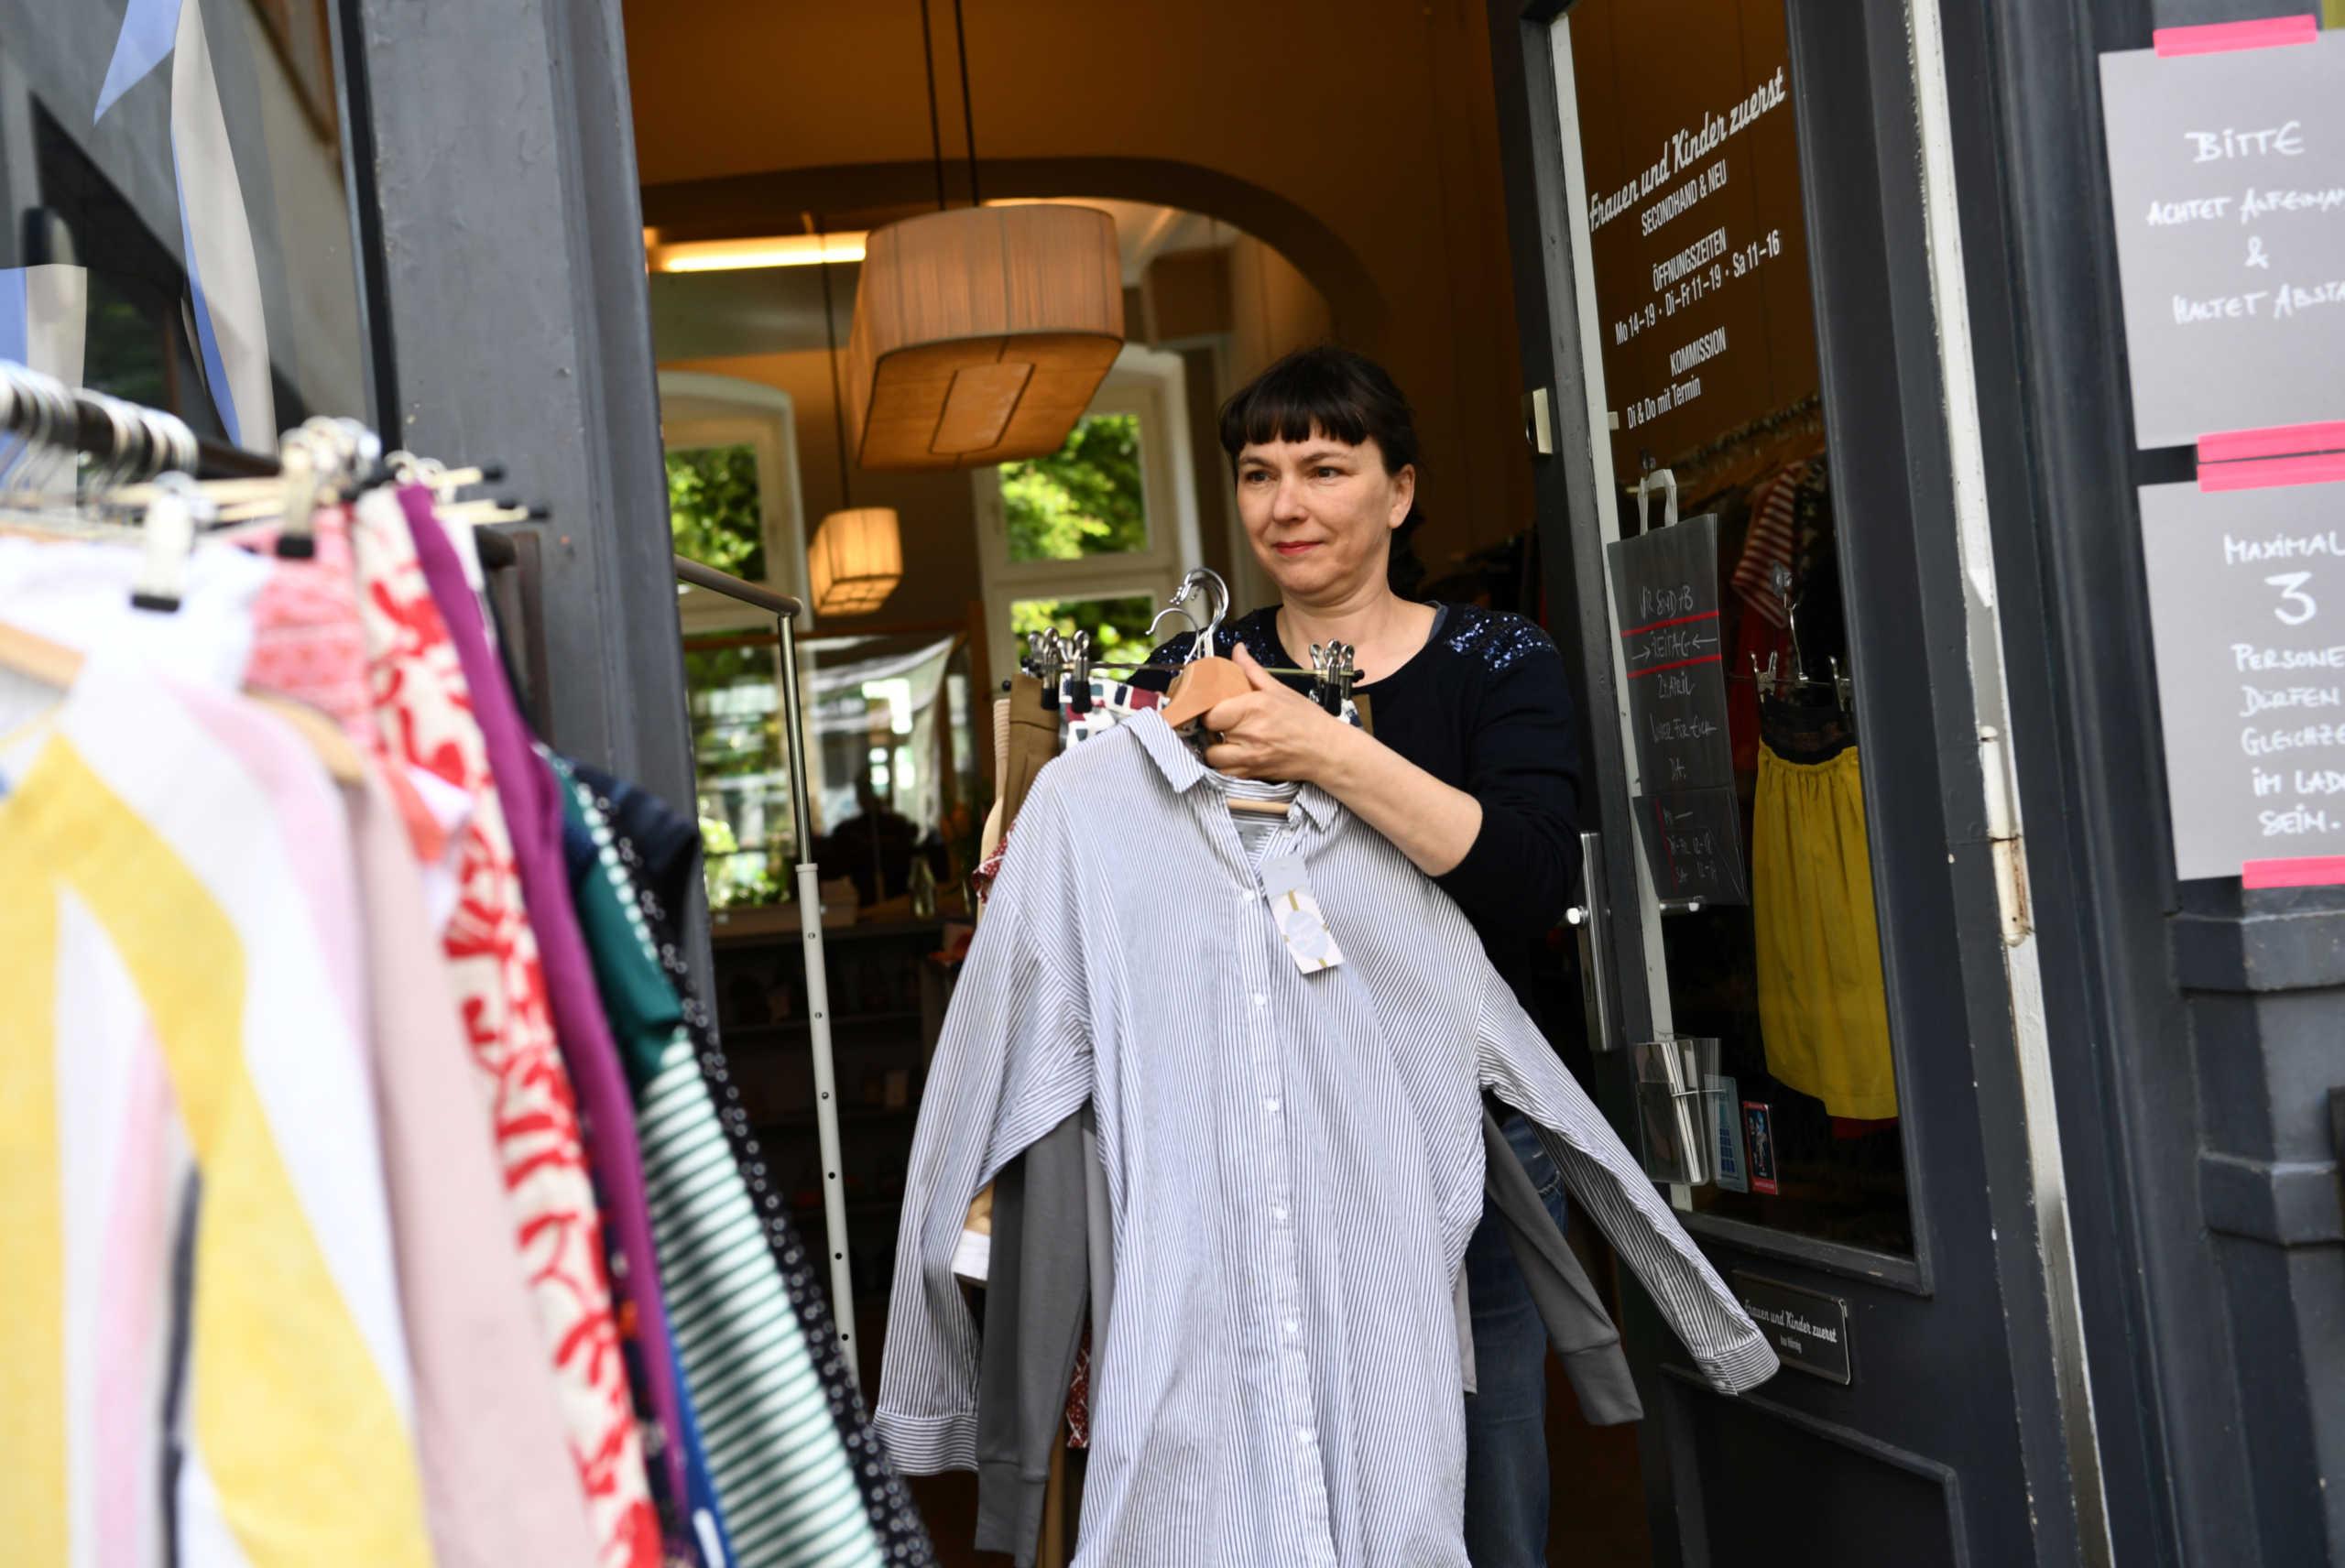 Ενοικίαση ρούχων: Η νέα μόδα που βλάπτει το περιβάλλον